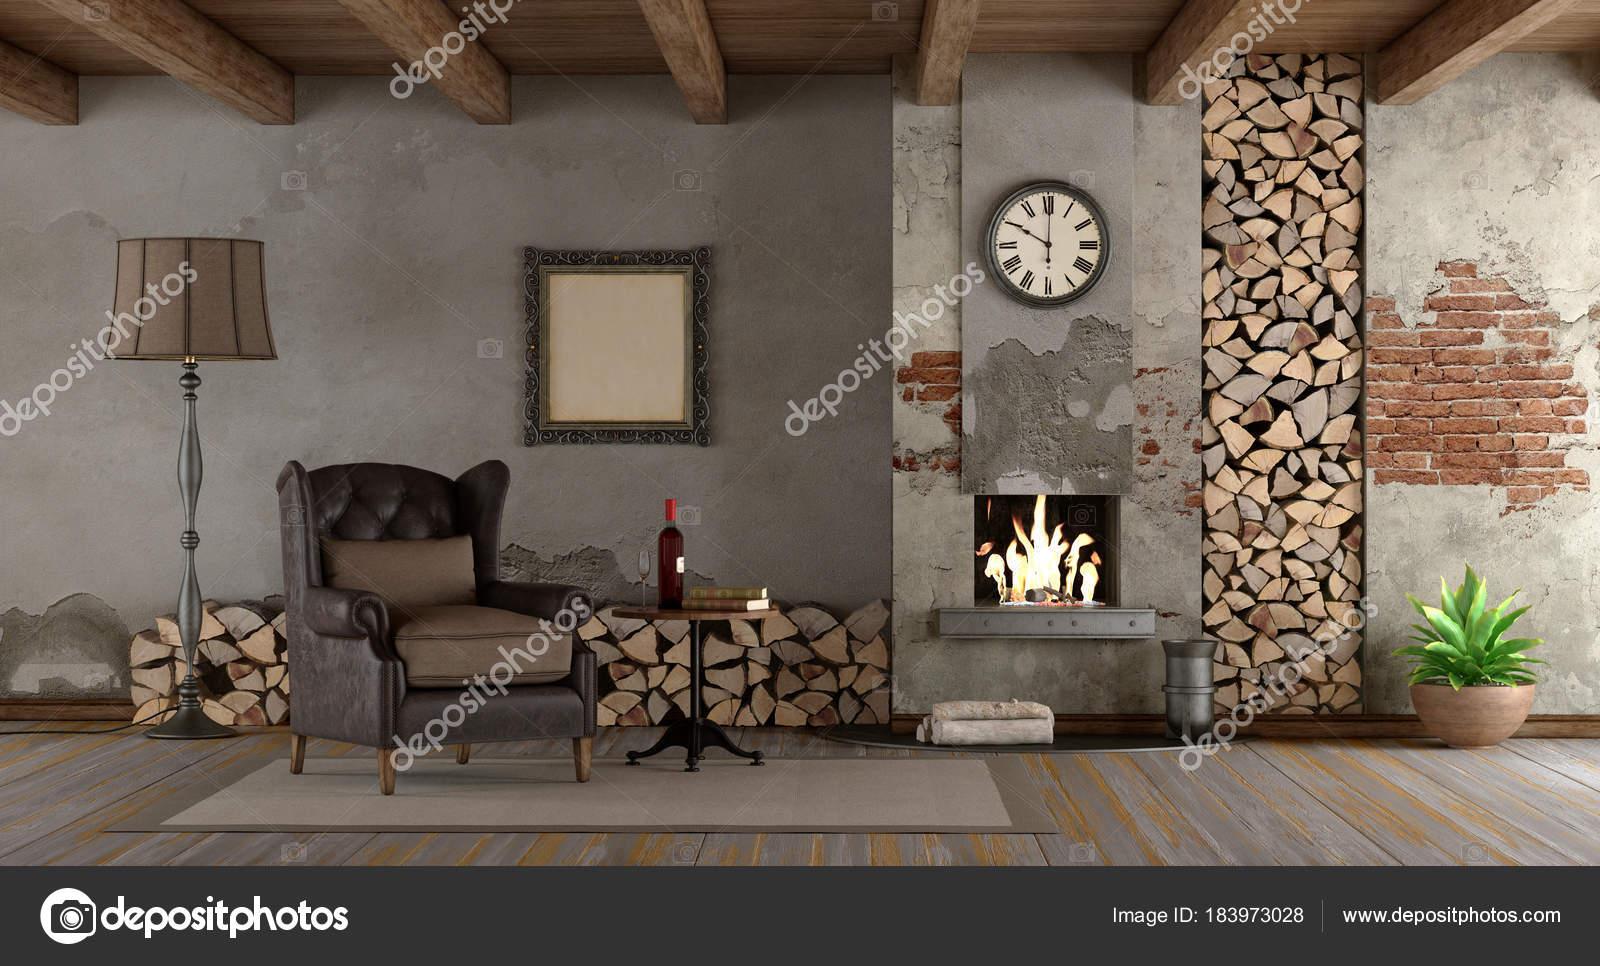 Retro woonkamer met open haard — Stockfoto © archideaphoto #183973028